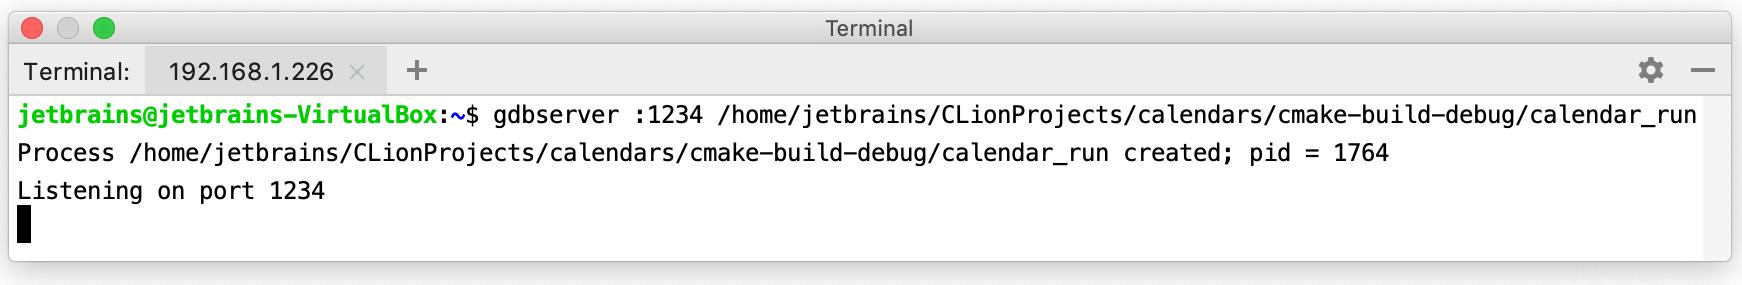 remote ssh terminal